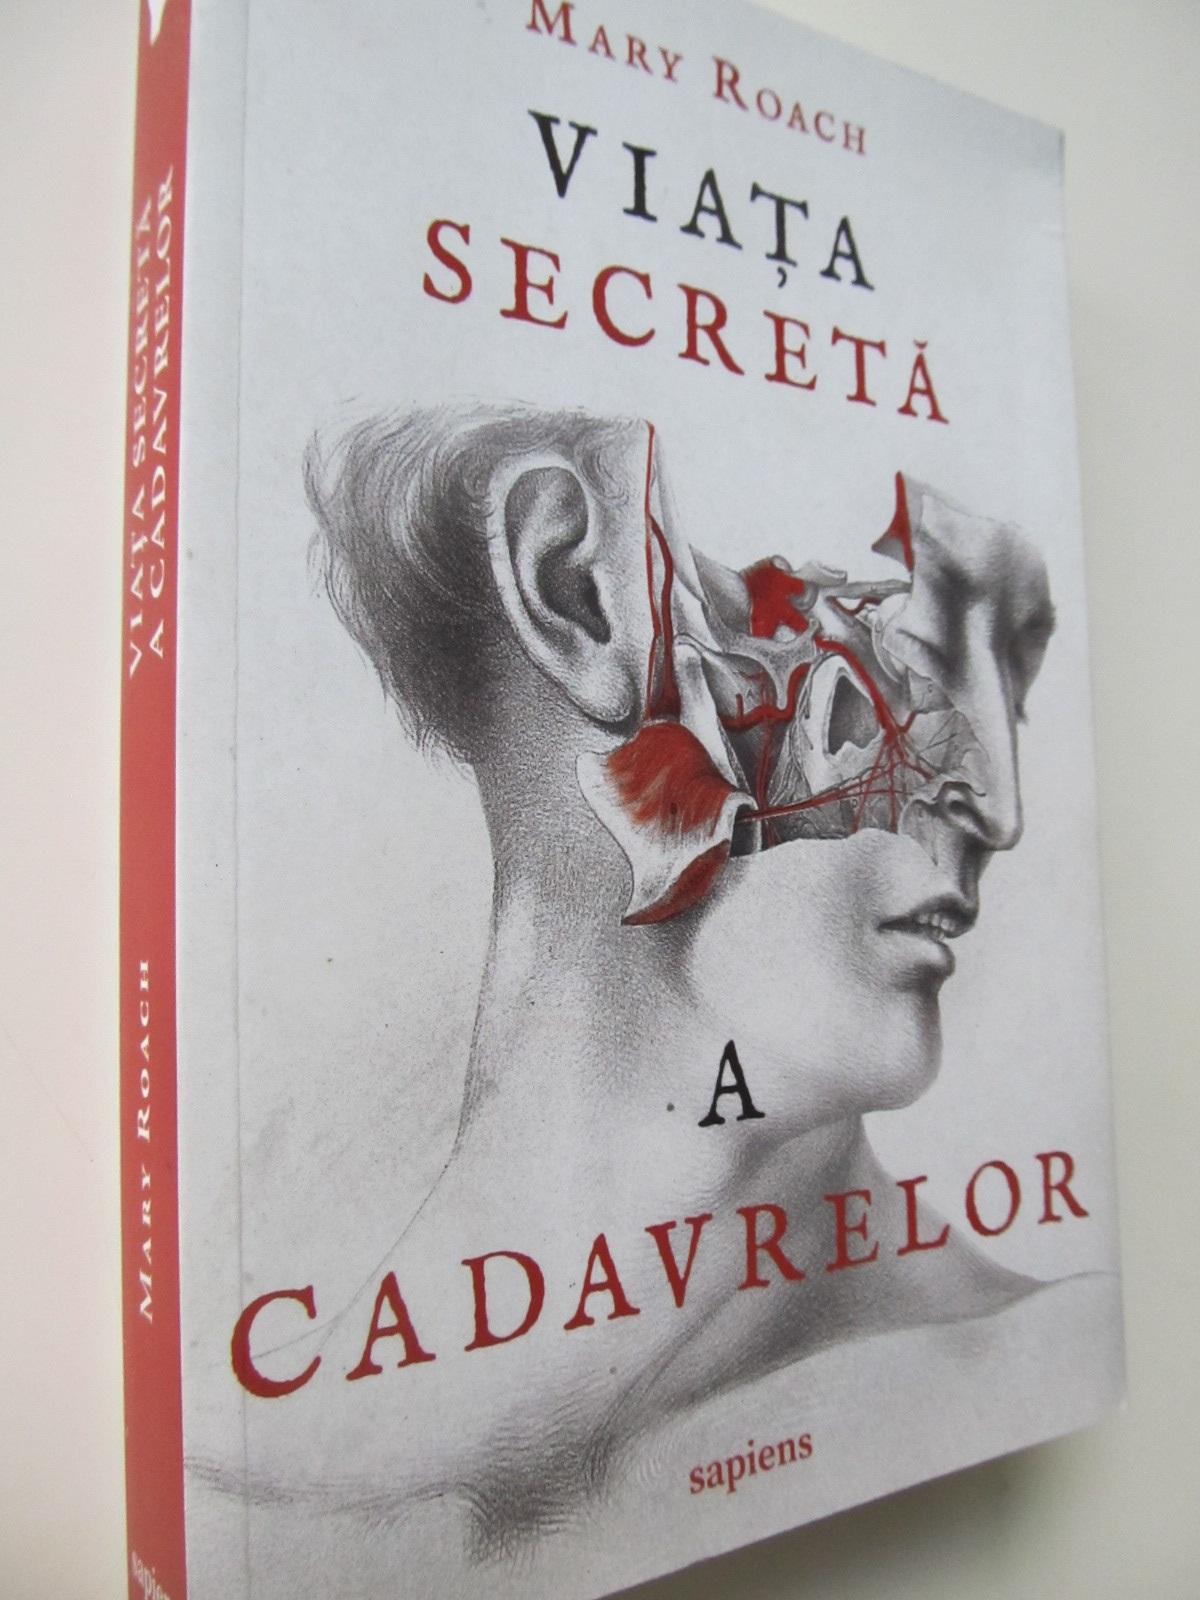 Viata secreta a cadavrelor - Mary Roach   Detalii carte